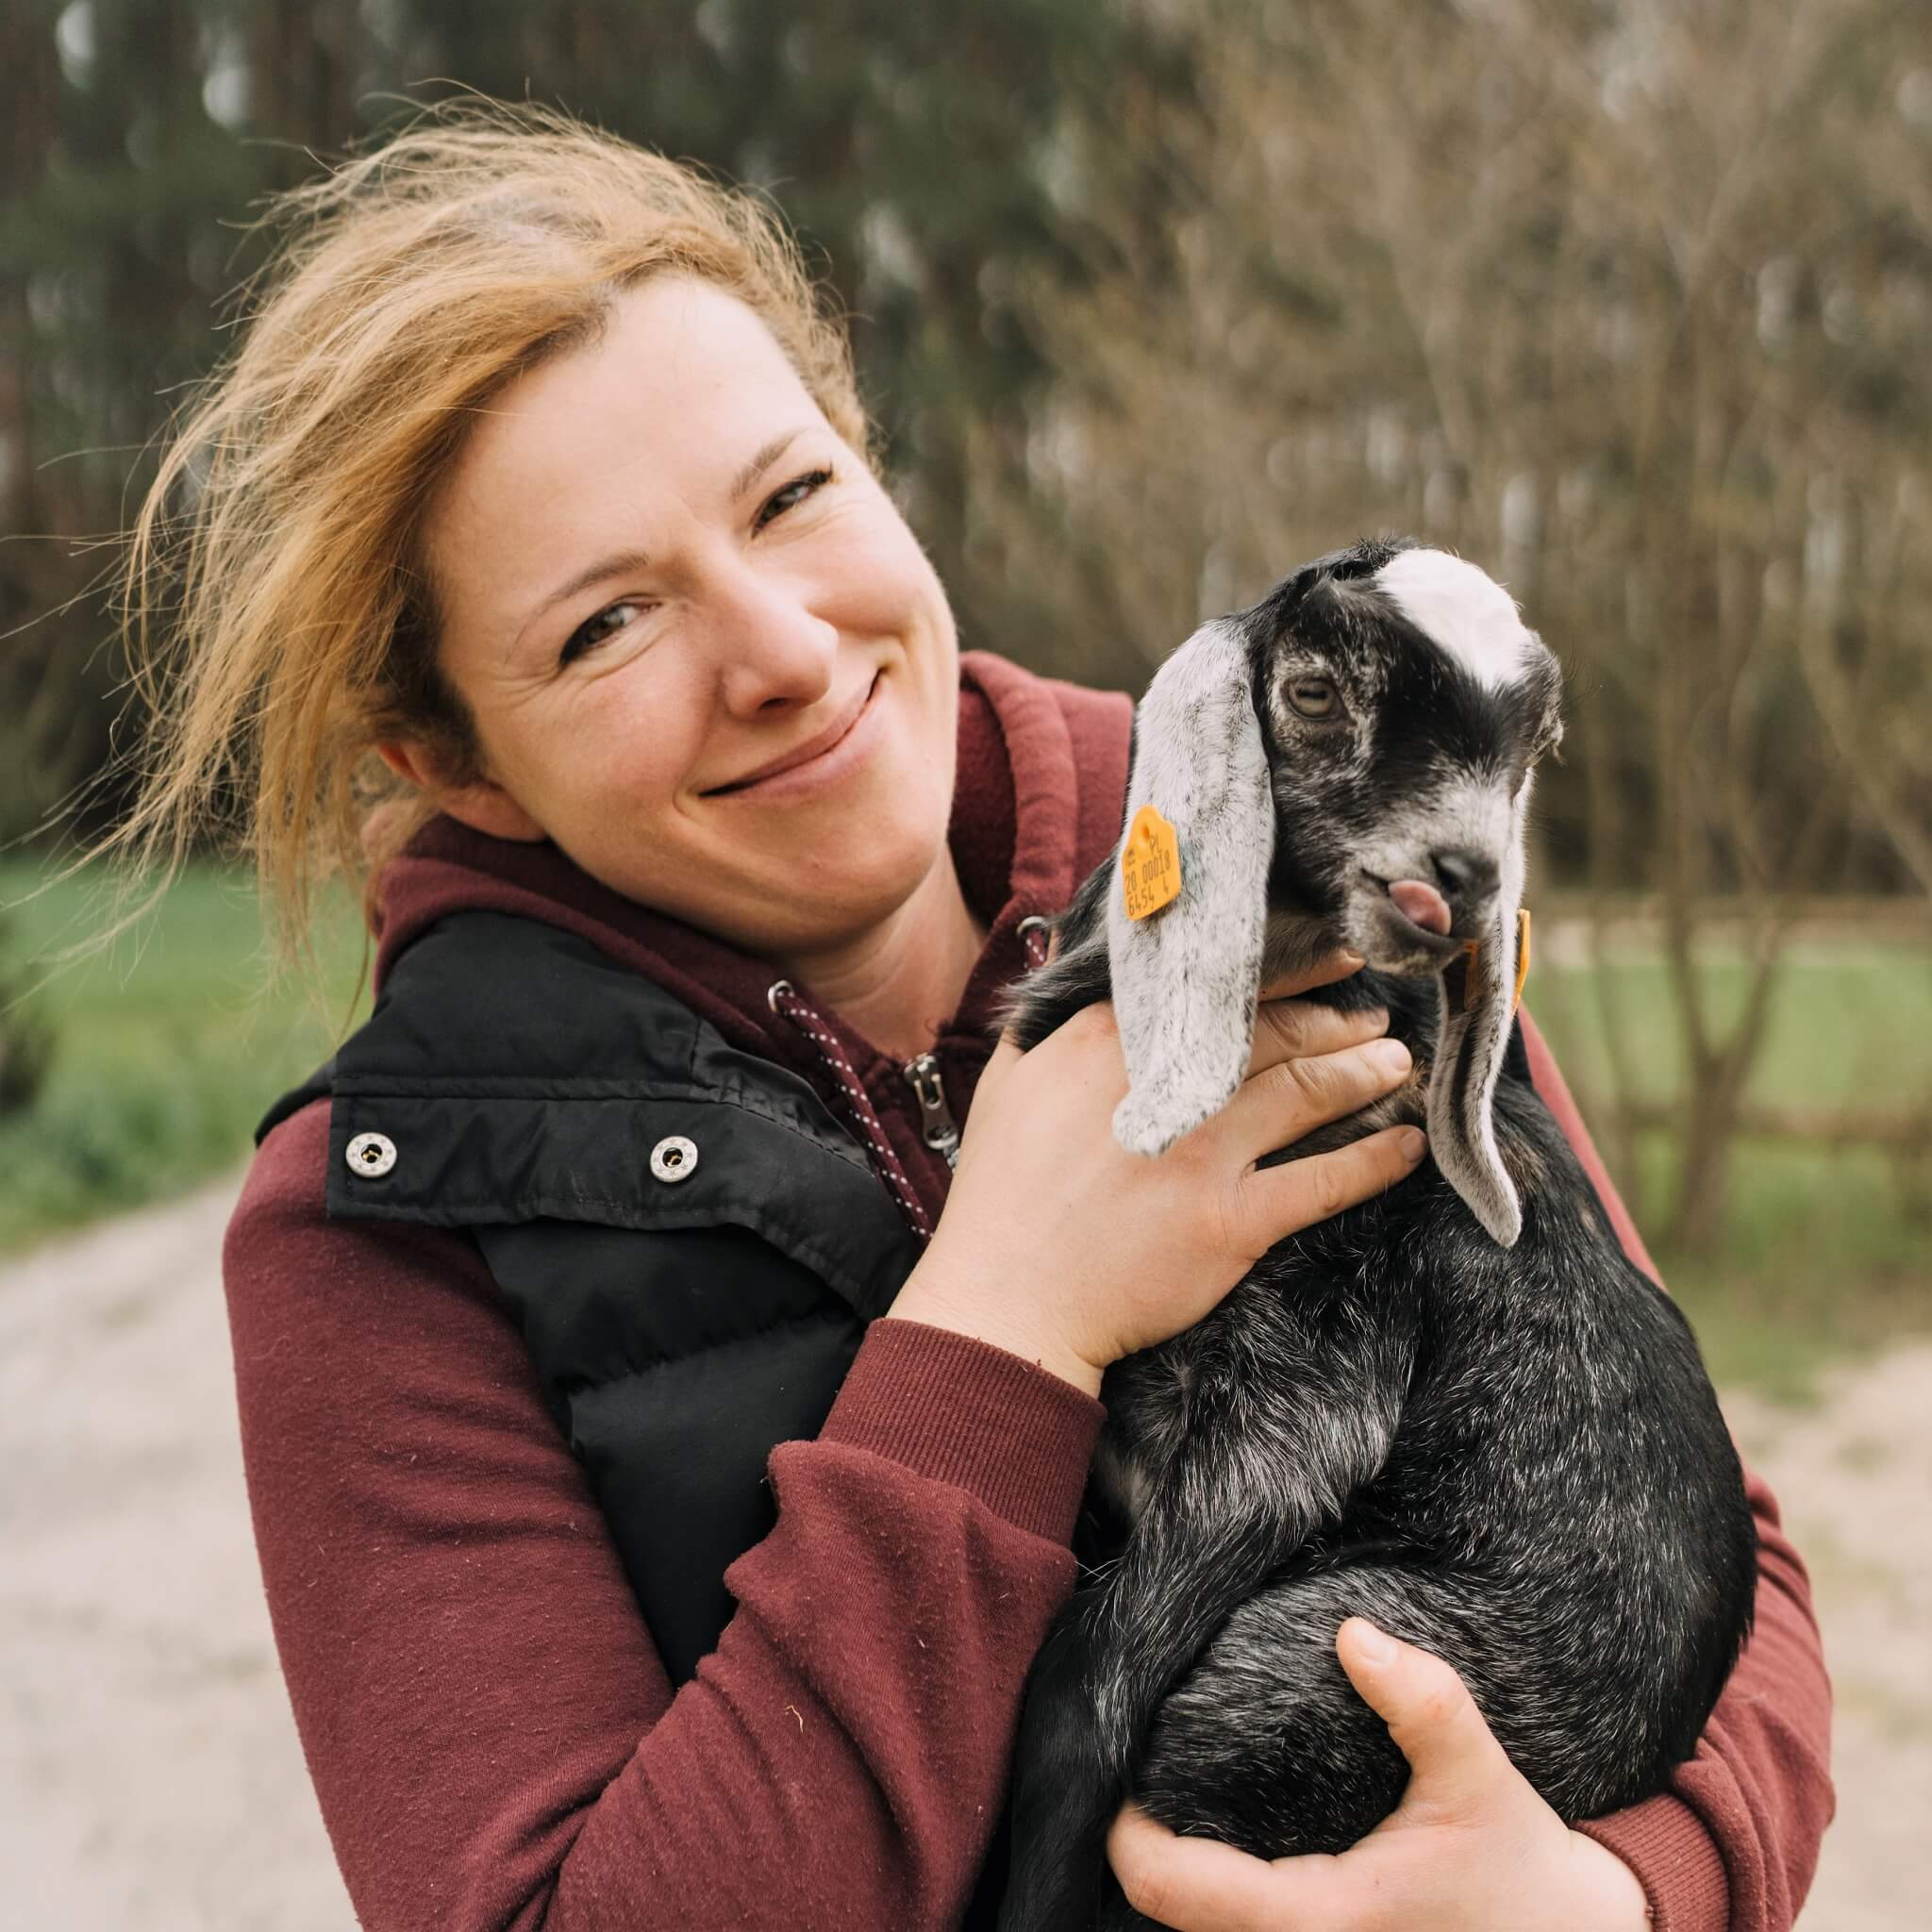 Twórczyni i właścicielka Chaty Miłkowskiej - jednego z najlepszych obiektów agroturystycznych w Wielkopolsce, w której łączy pasję do pracy ze zwierzętami z zamiłowaniem do poznawania nowych osób.